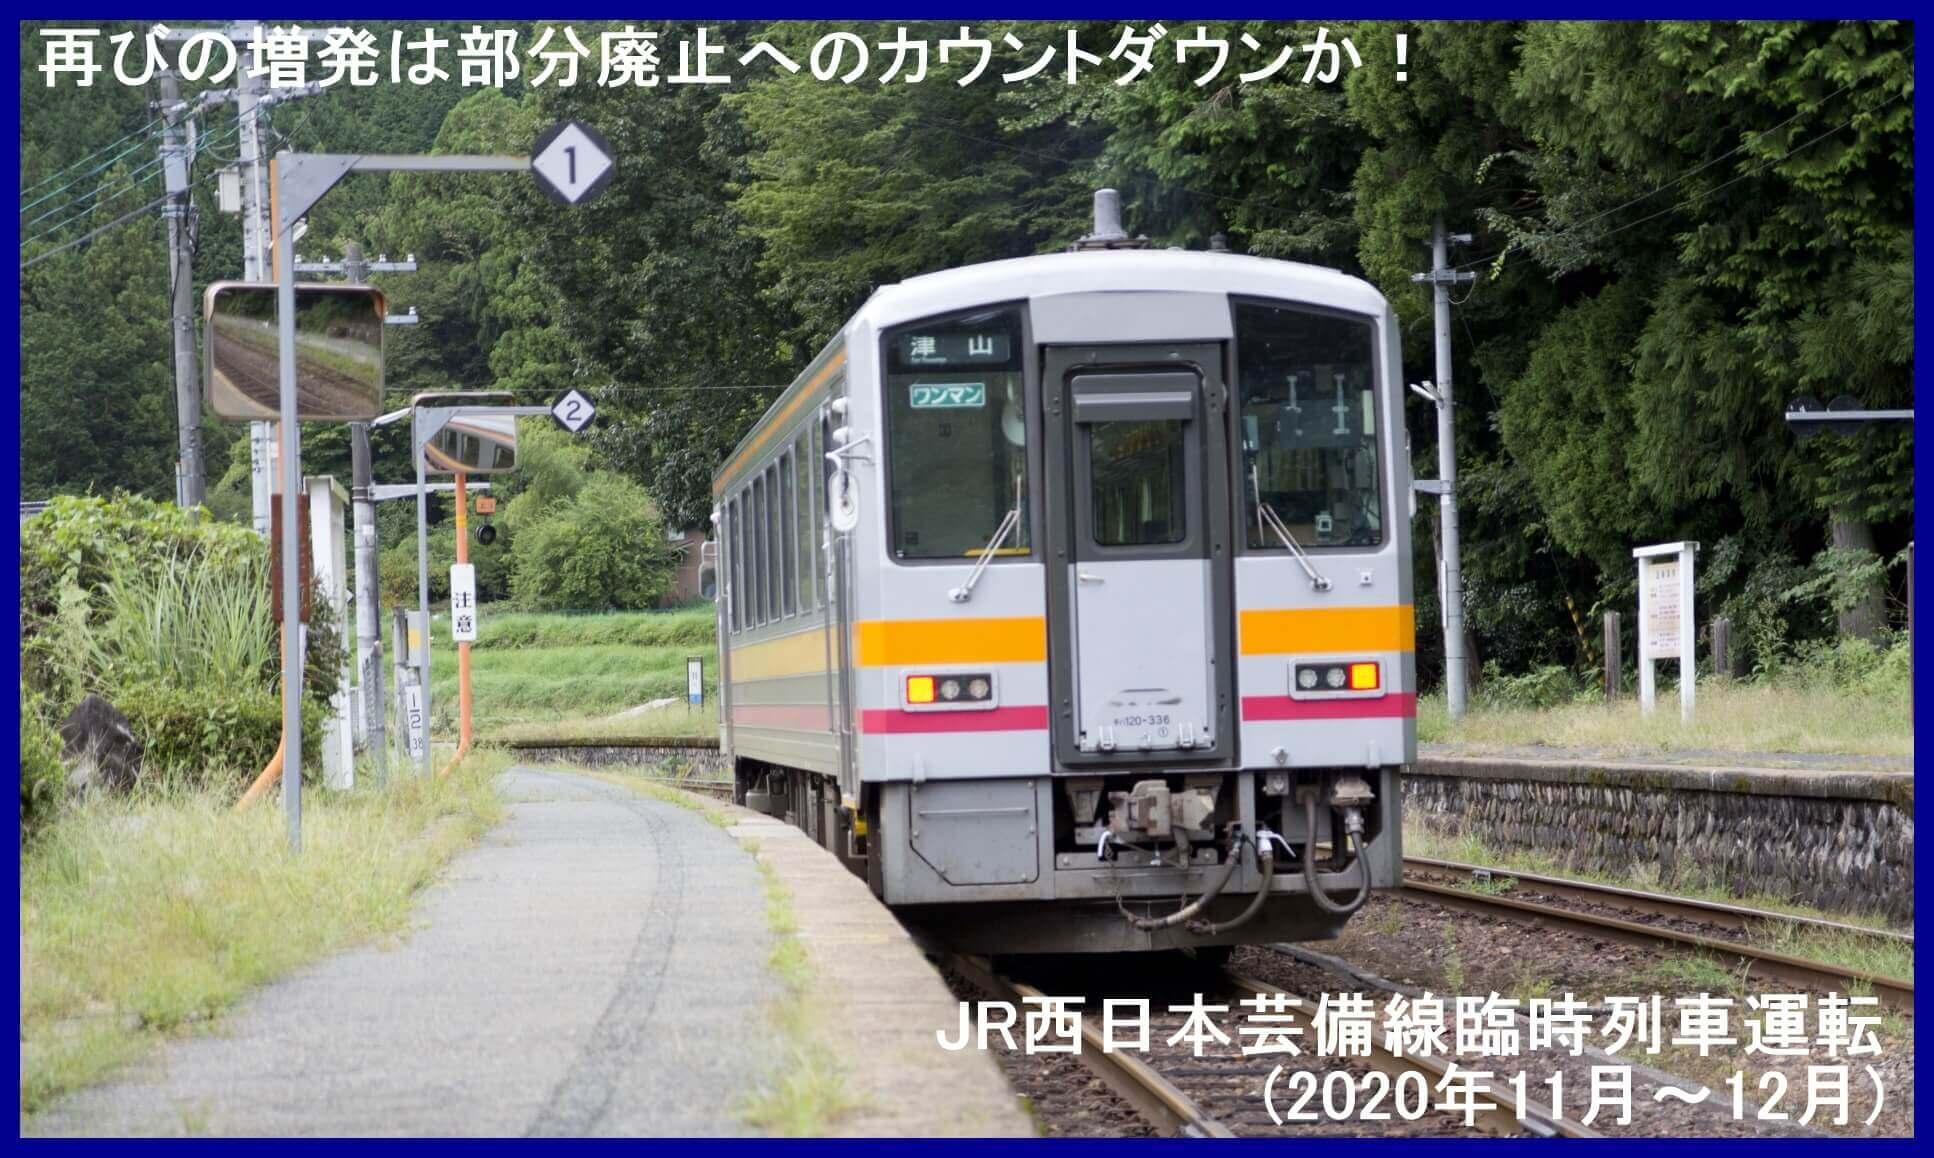 再びの増発は部分廃止へのカウントダウンか! JR西日本芸備線臨時列車運転(2020年11月~12月)